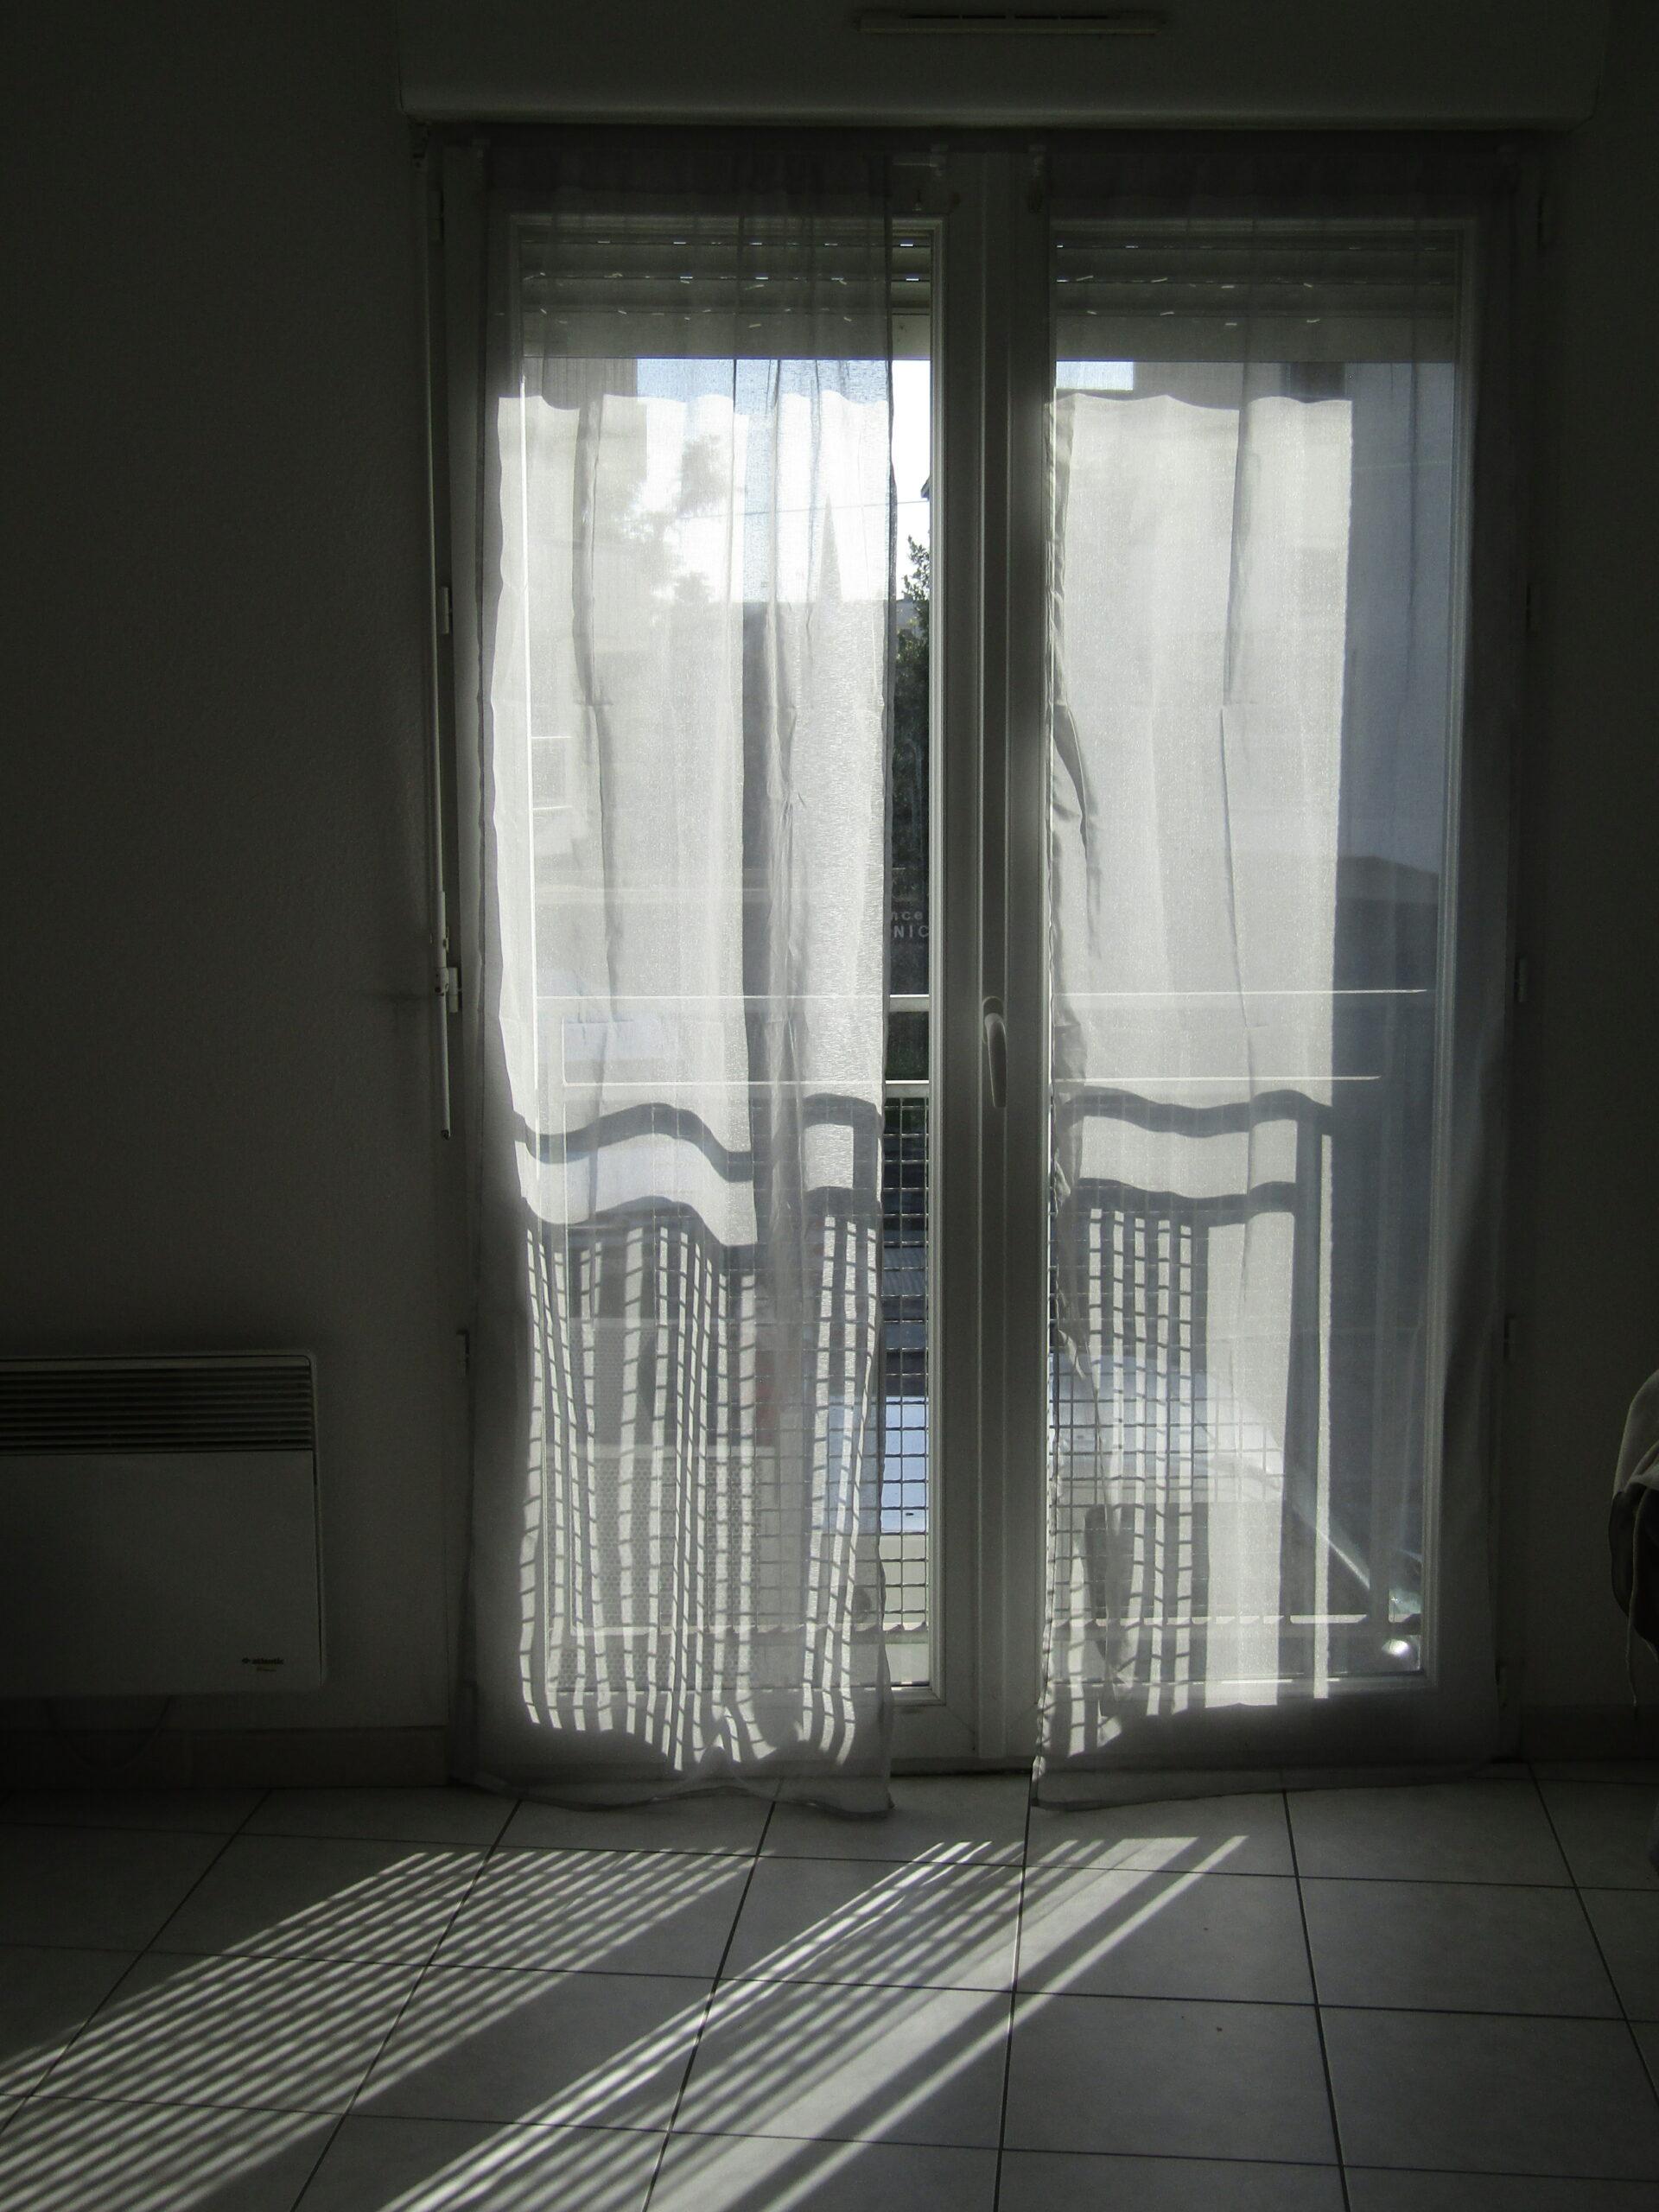 Une fenêtre fermée qui laisse entrer la lumière. Il y a des longs rideaux devant cette fenêtre.